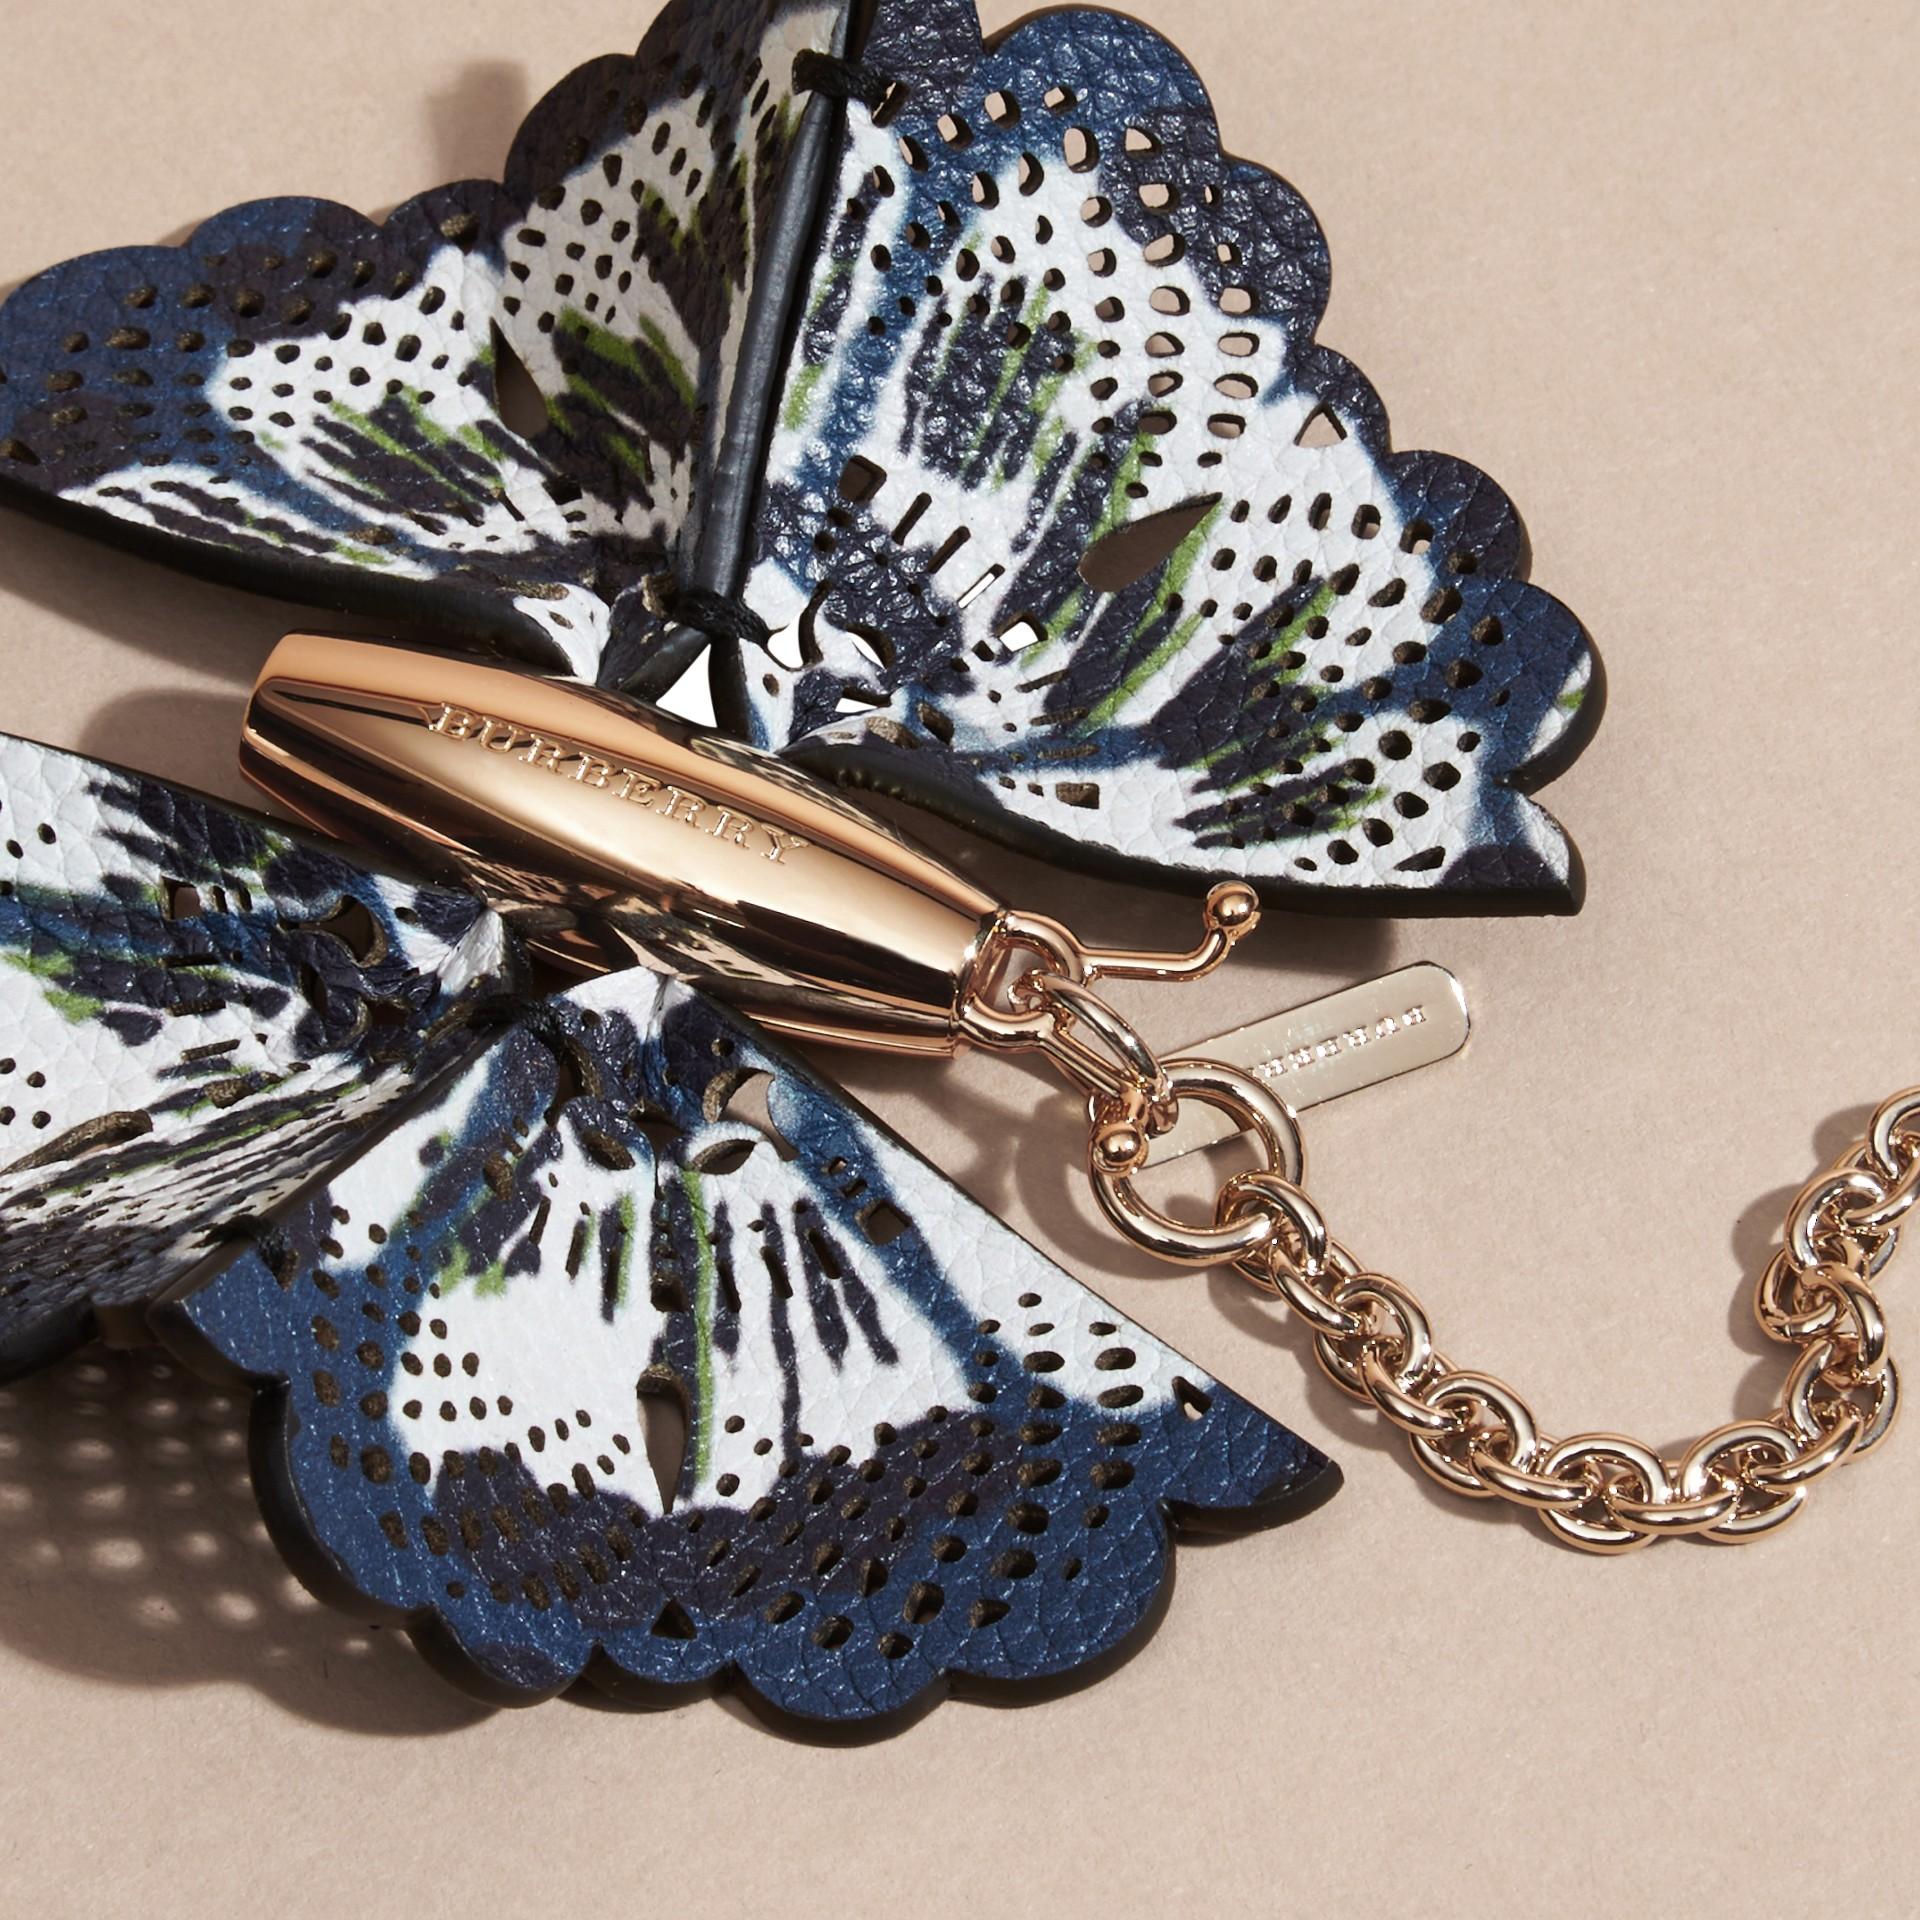 Blu ceruleo intenso/navy brillante Ciondolo a forma di farfalla con pelle stampata tipo tintura a riserva Blu Ceruleo Intenso/navy Brillante - immagine della galleria 2